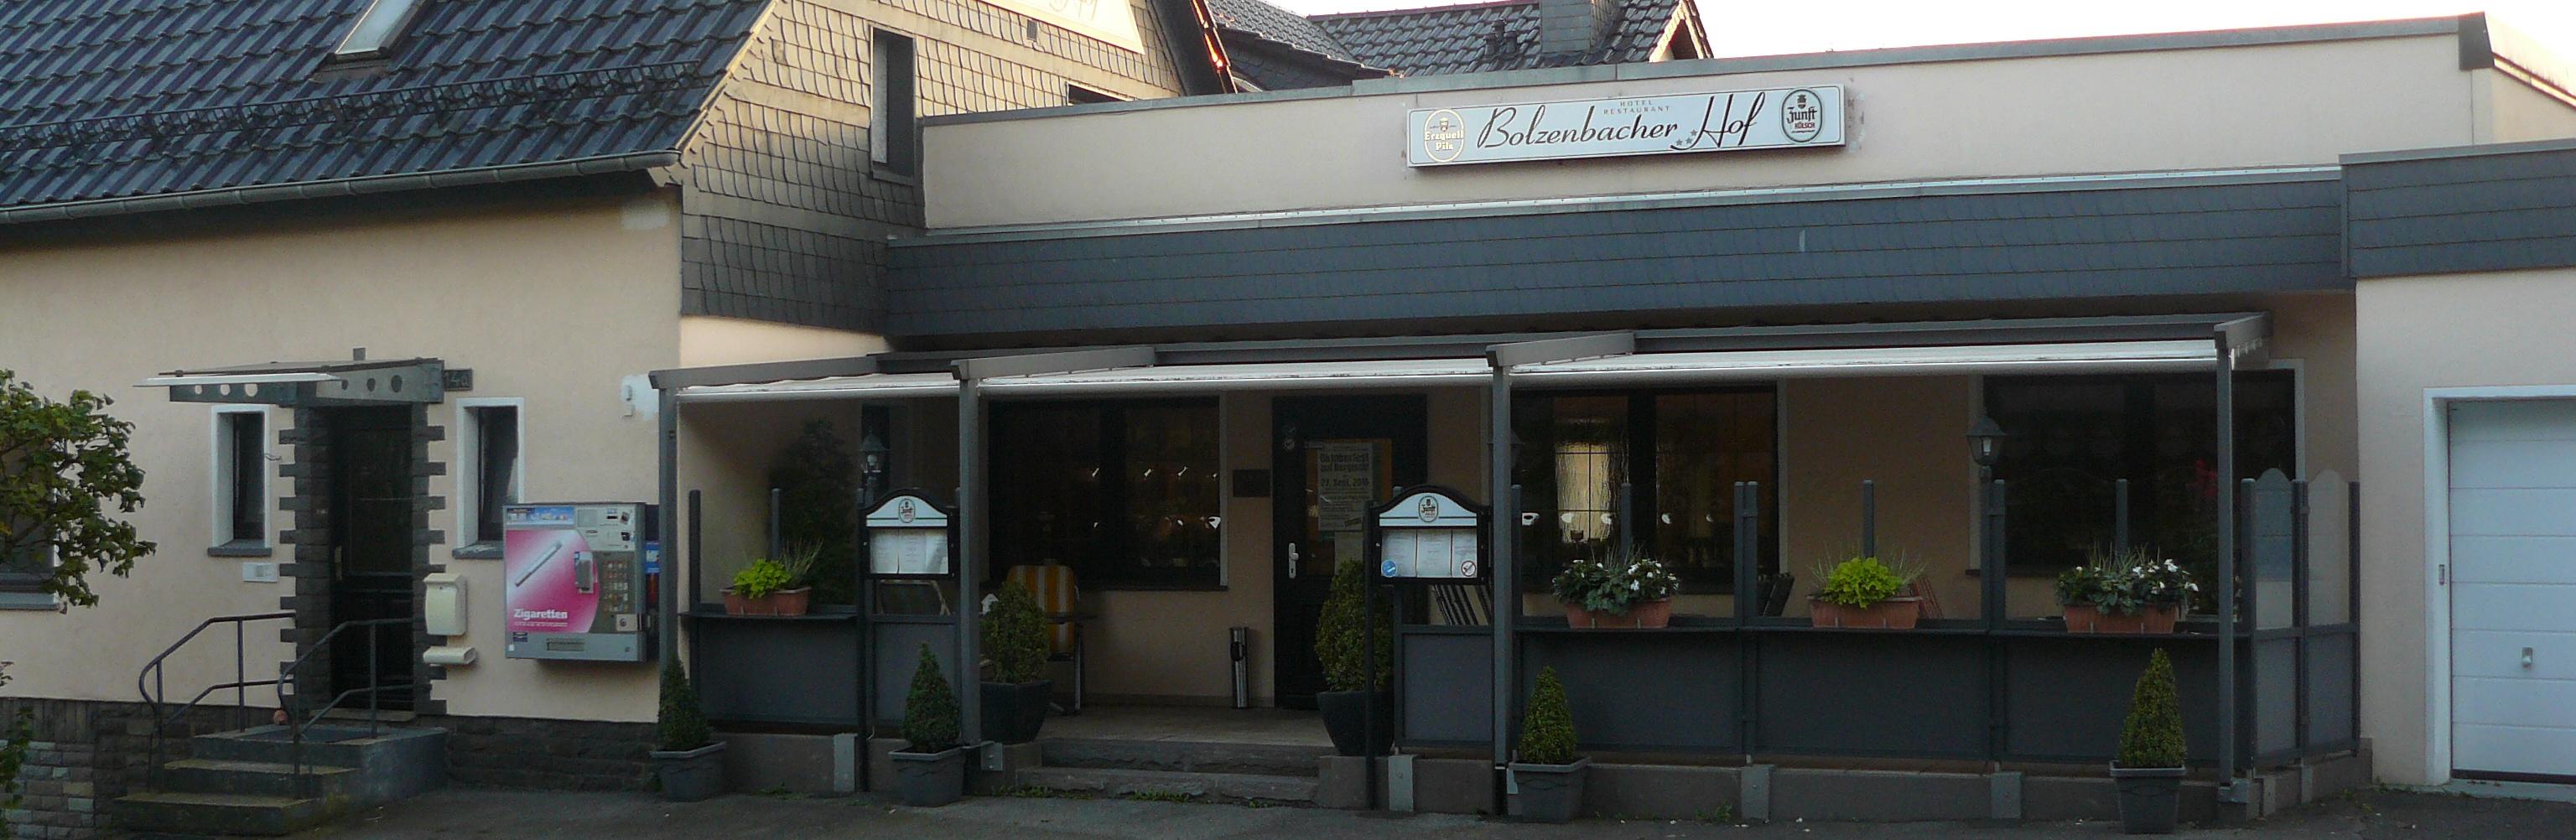 Der Bolzenbacher Hof